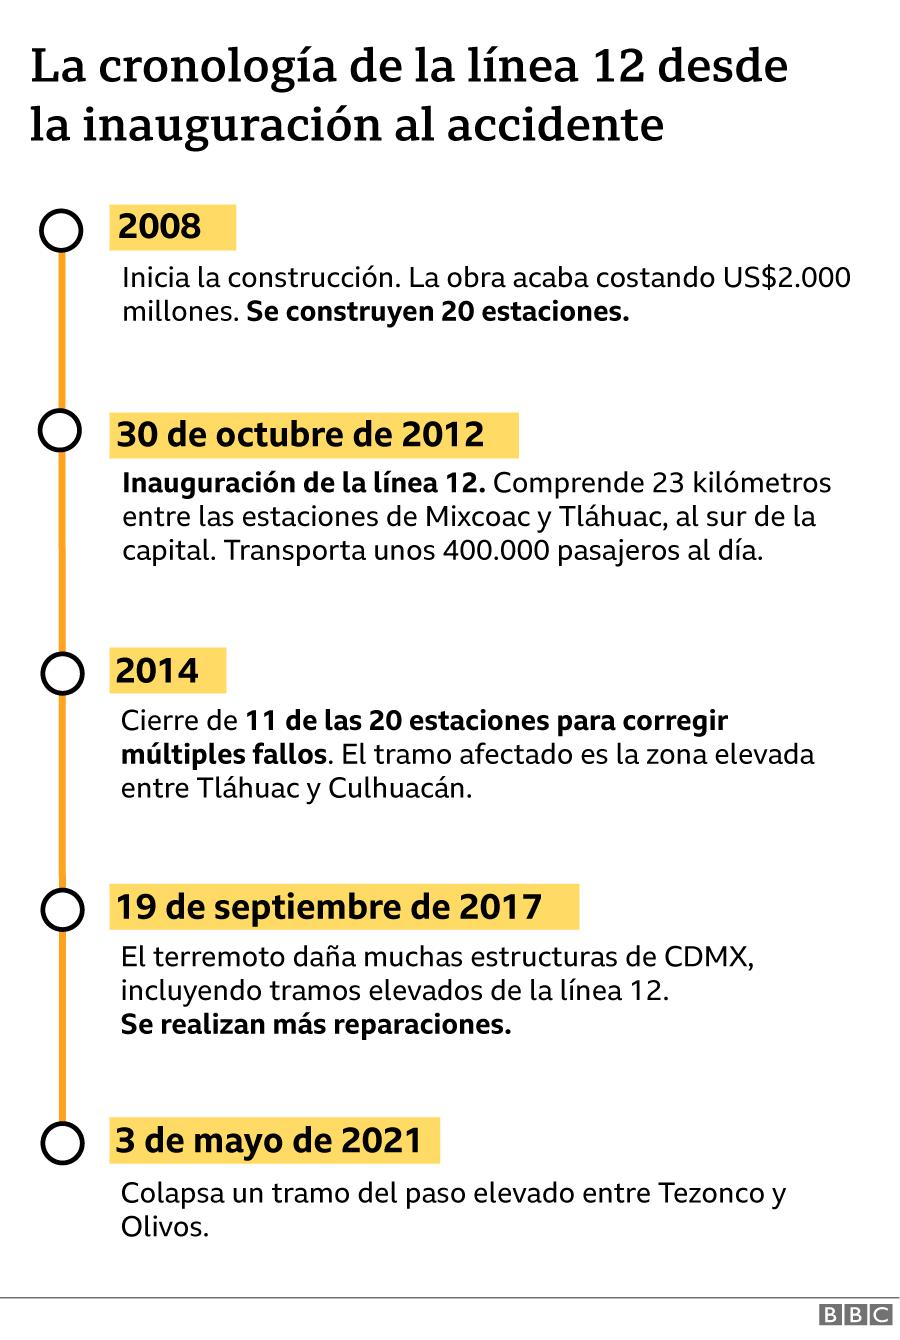 Cronología de la línea 12